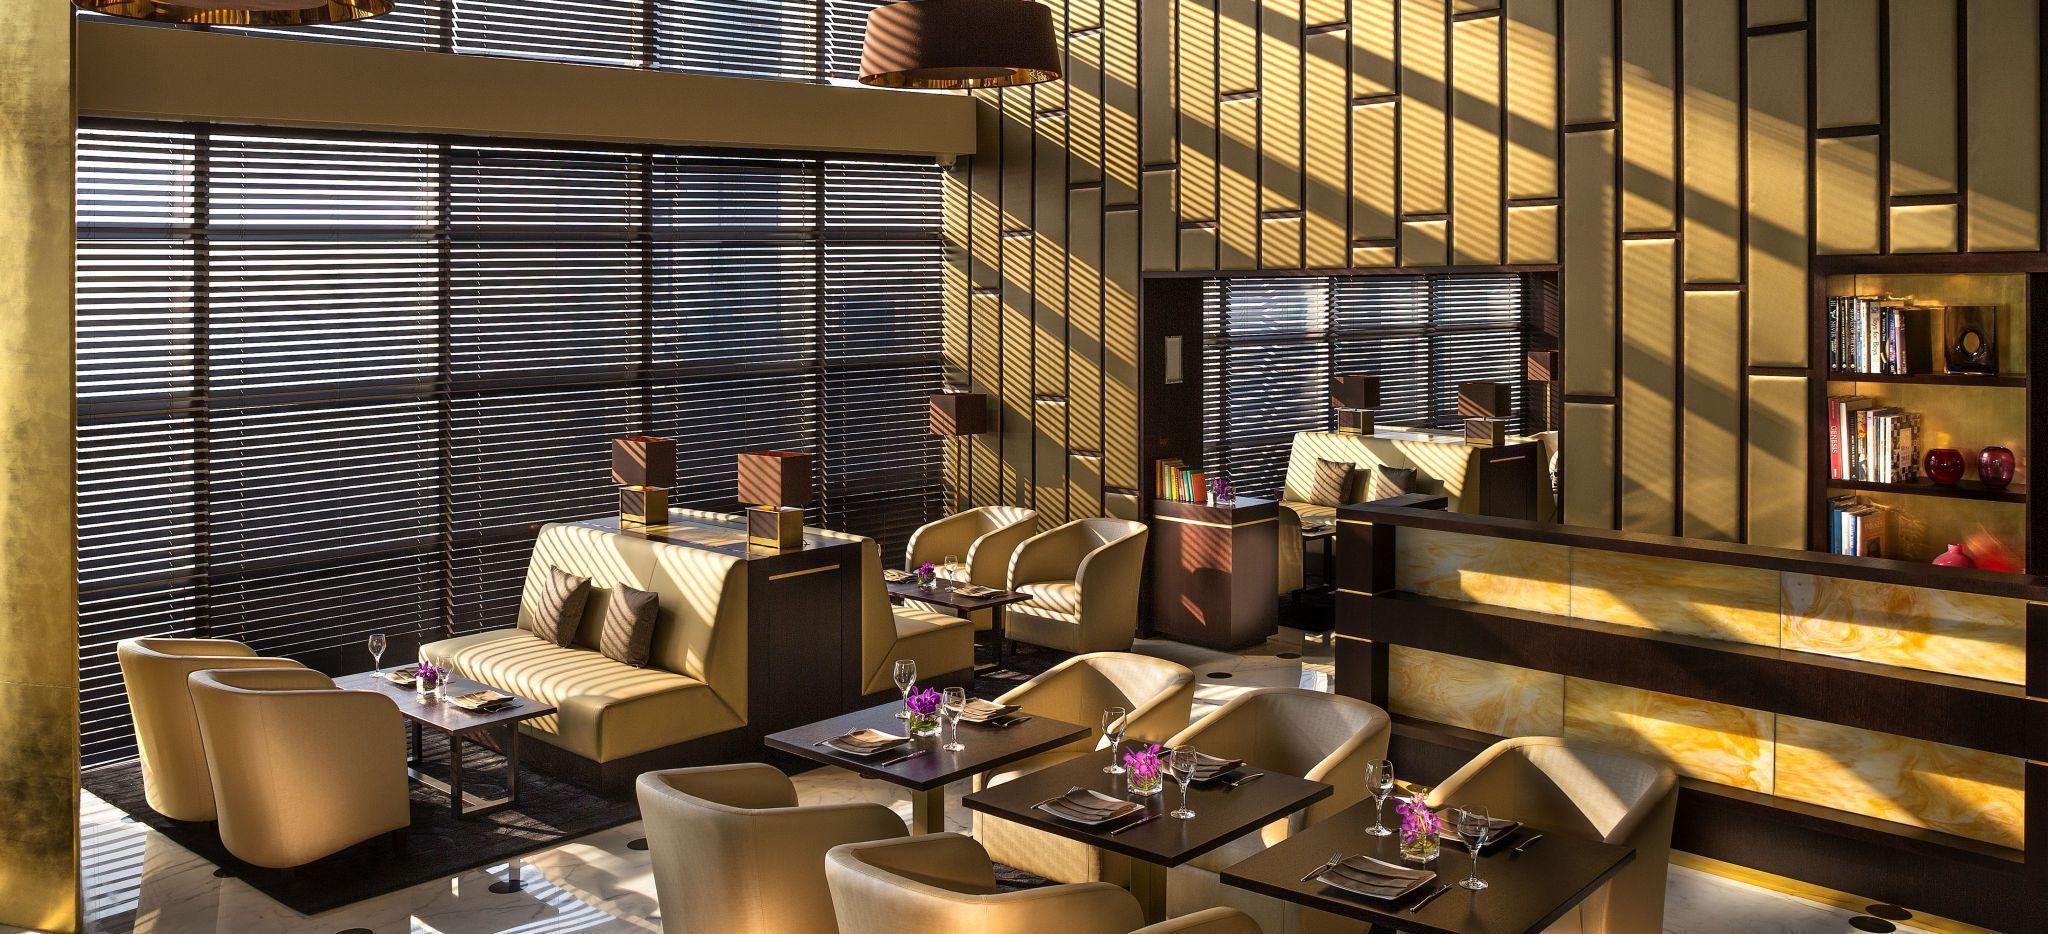 """Hotelzimmer """"Club Executive"""" im Hotel """"Jumeirah Emirates Towers in Dubai. gemütliche Sessel, Fensterplätze"""